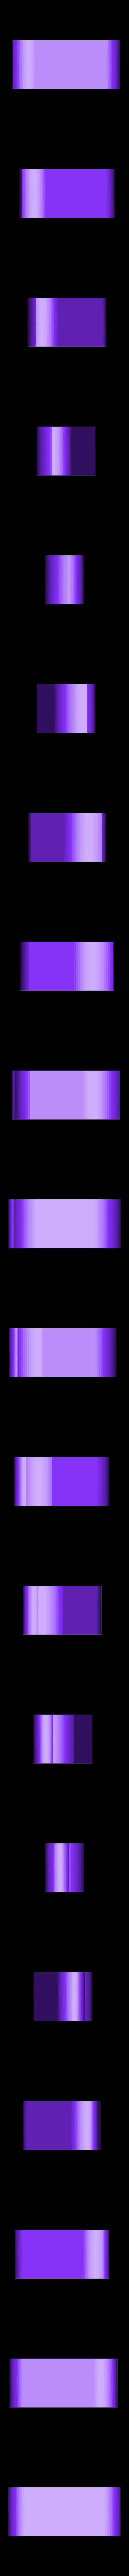 SuperficialDorsalVein.stl Télécharger fichier STL Puzzle de la section tranchée du clitoris • Plan pour impression 3D, 3D_Maniac